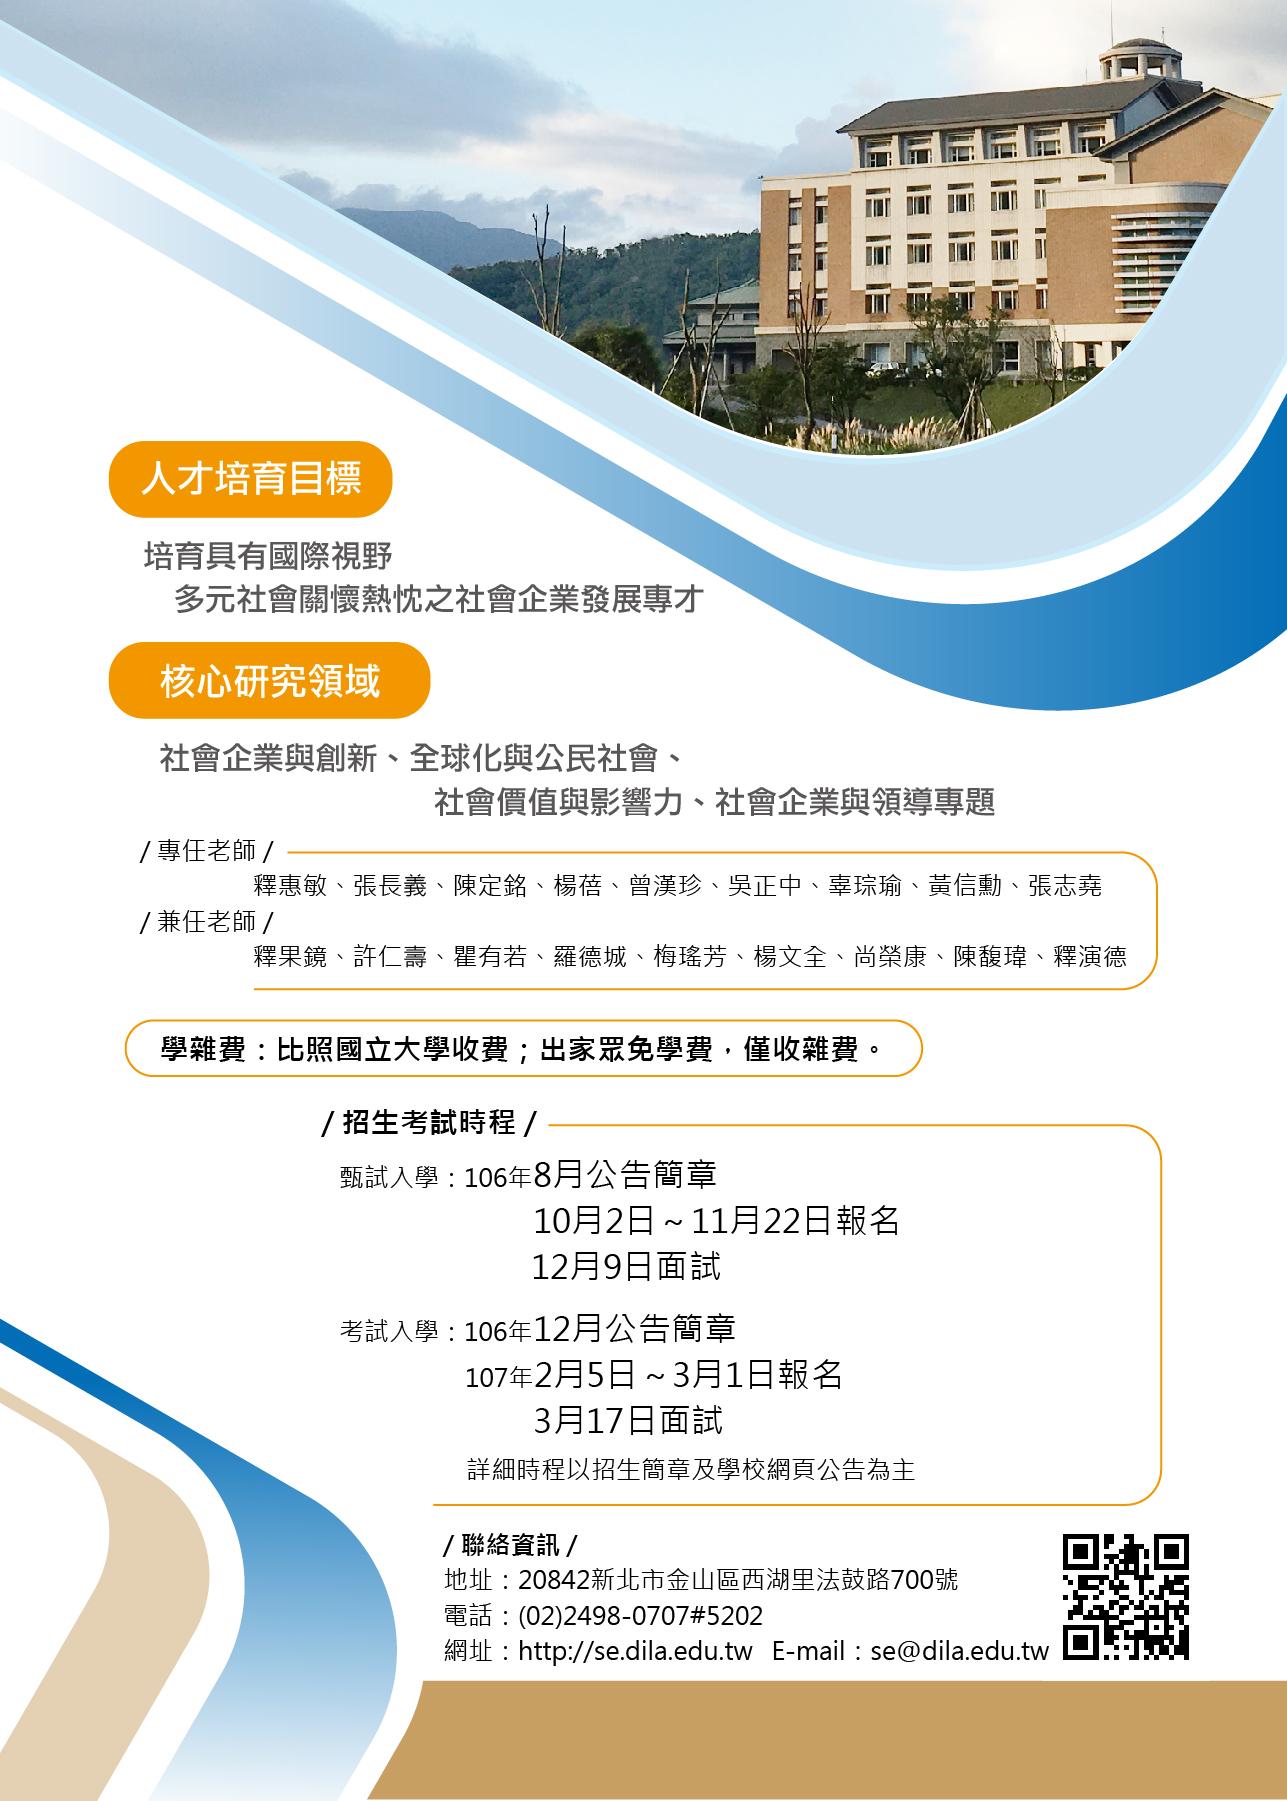 社會企業DM-1_0920修改-02